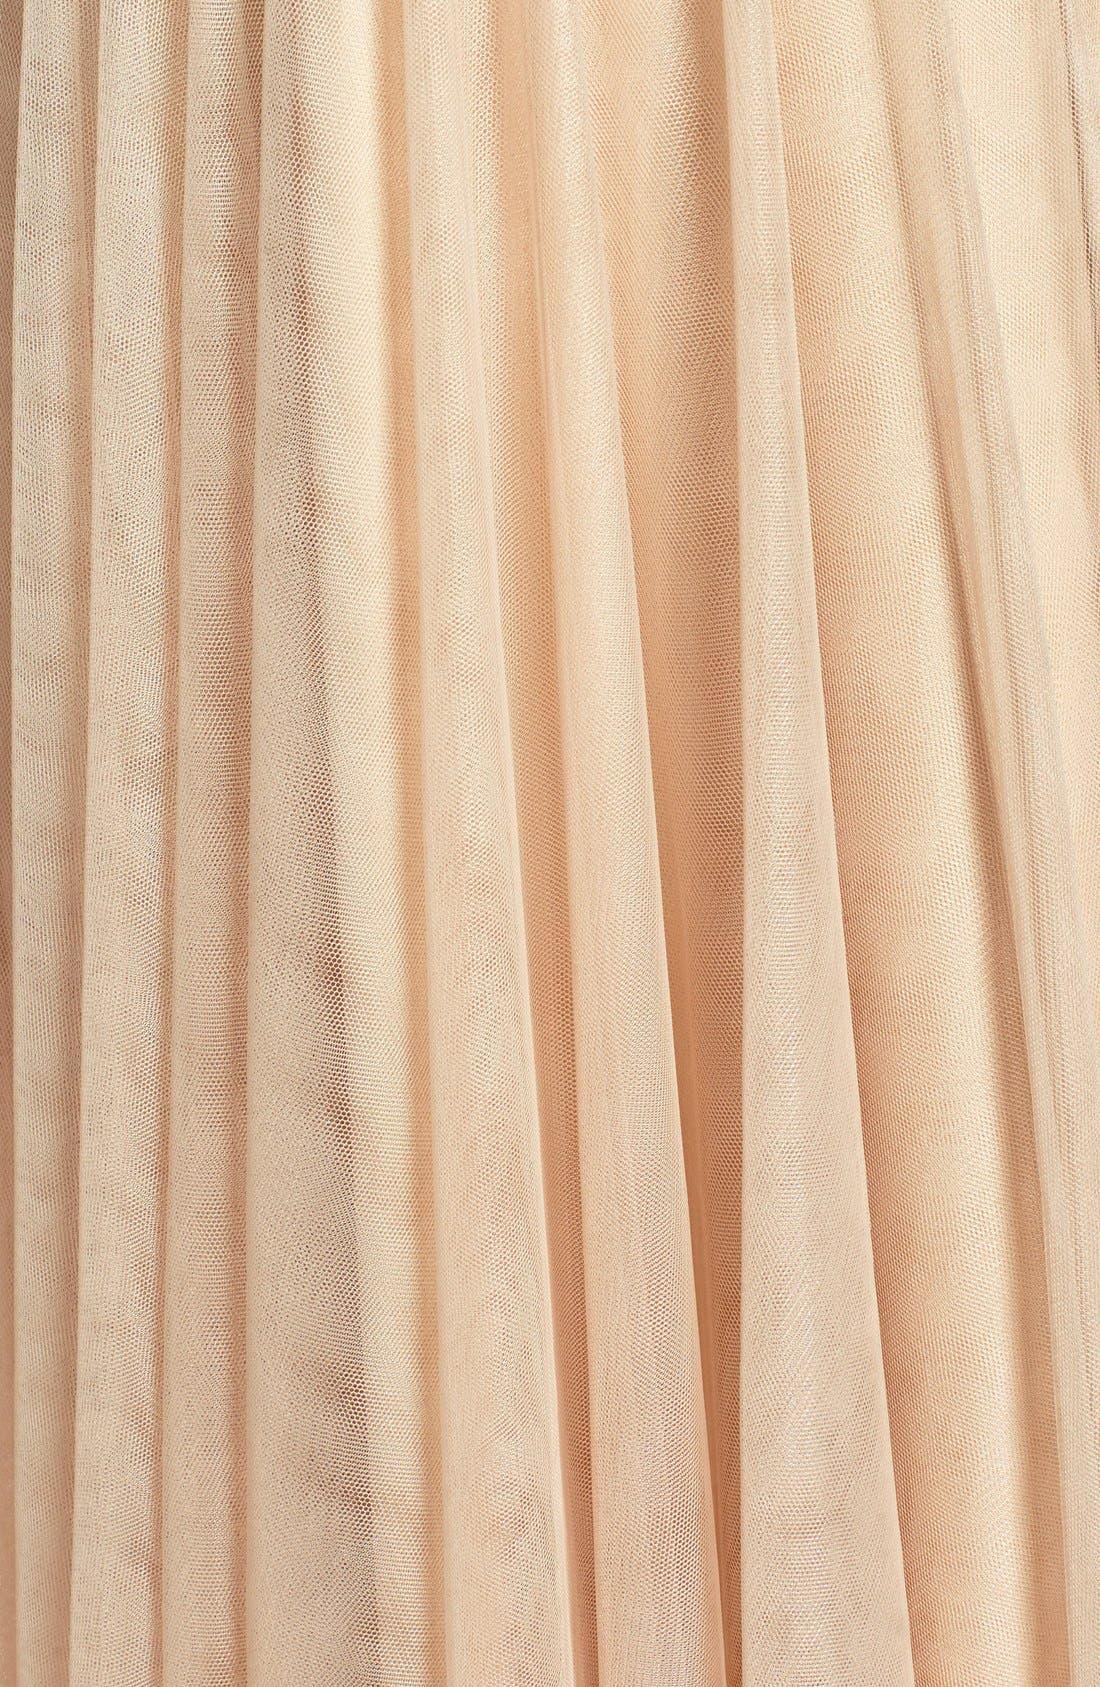 Emelie Illusion Gown,                             Alternate thumbnail 2, color,                             CASHMERE